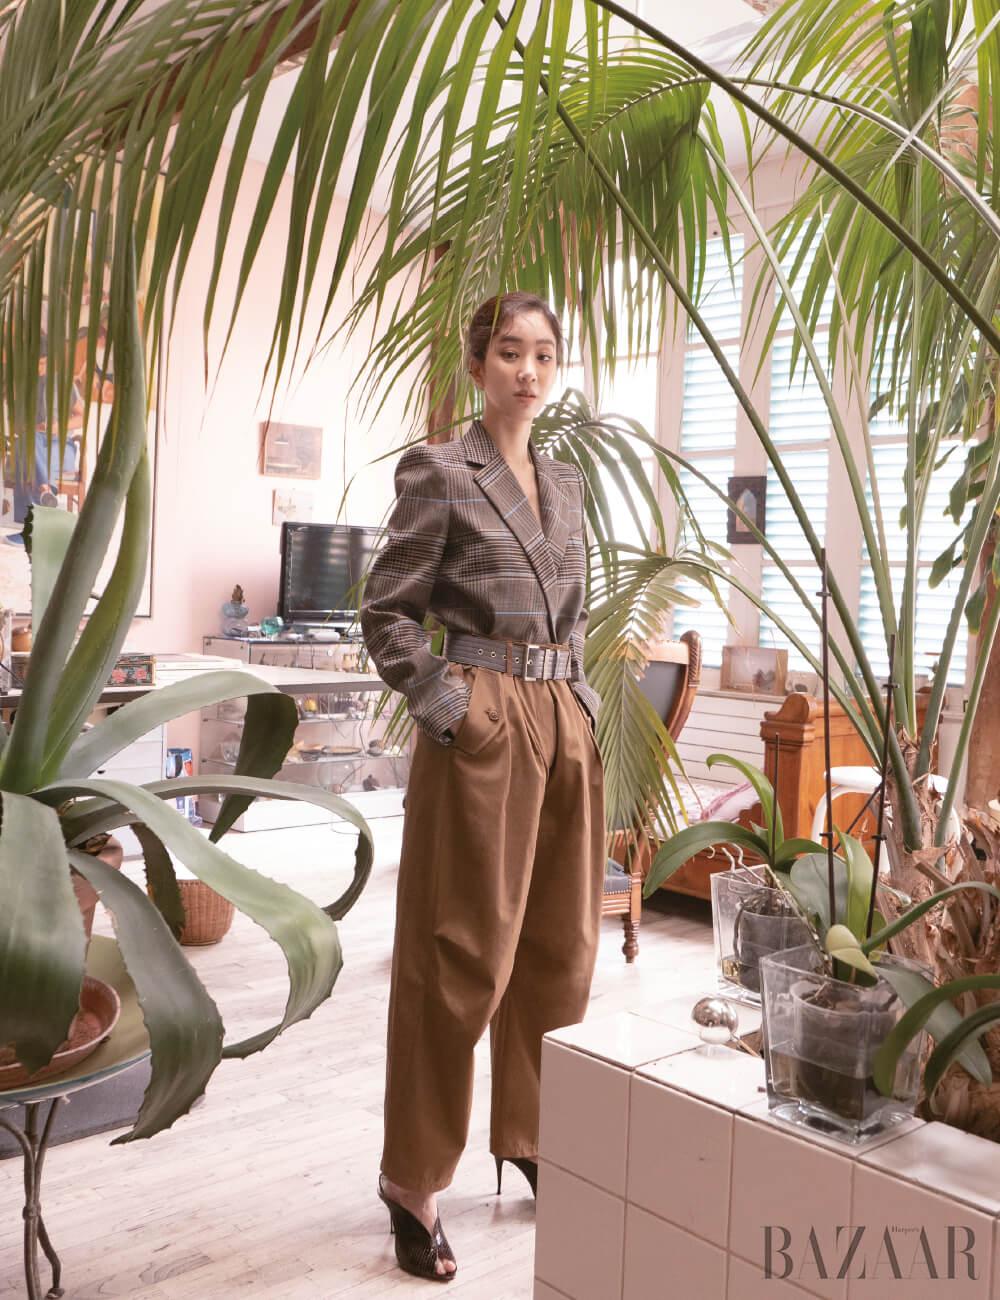 체크 재킷, 팬츠, 벨트, 뮬은 모두 Givenchy.